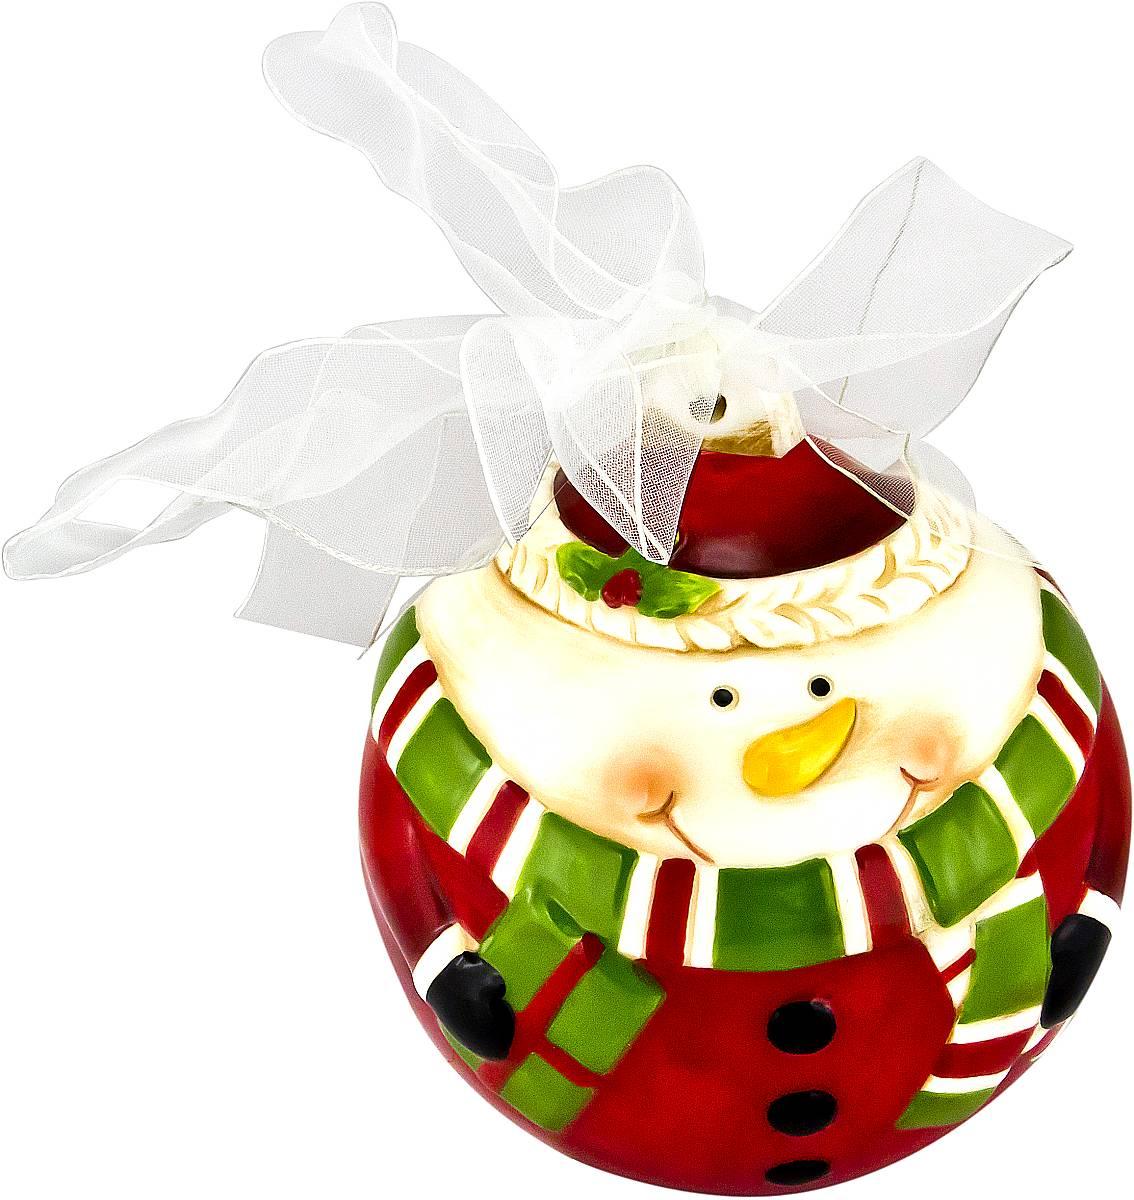 Украшение новогоднее подвесное Mister Christmas Снеговик, длина 13,5 см09840-20.000.00Новогоднее подвесное украшение Mister Christmas Снеговик прекрасно подойдет для праздничного декора новогодней ели. Украшение выполнено из керамики. Для удобного размещения на елке предусмотрена петелька в виде ленточки. Елочная игрушка - символ Нового года. Она несет в себе волшебство и красоту праздника. Создайте в своем доме атмосферу веселья и радости, украшая новогоднюю елку нарядными игрушками, которые будут из года в год накапливать теплоту воспоминаний.